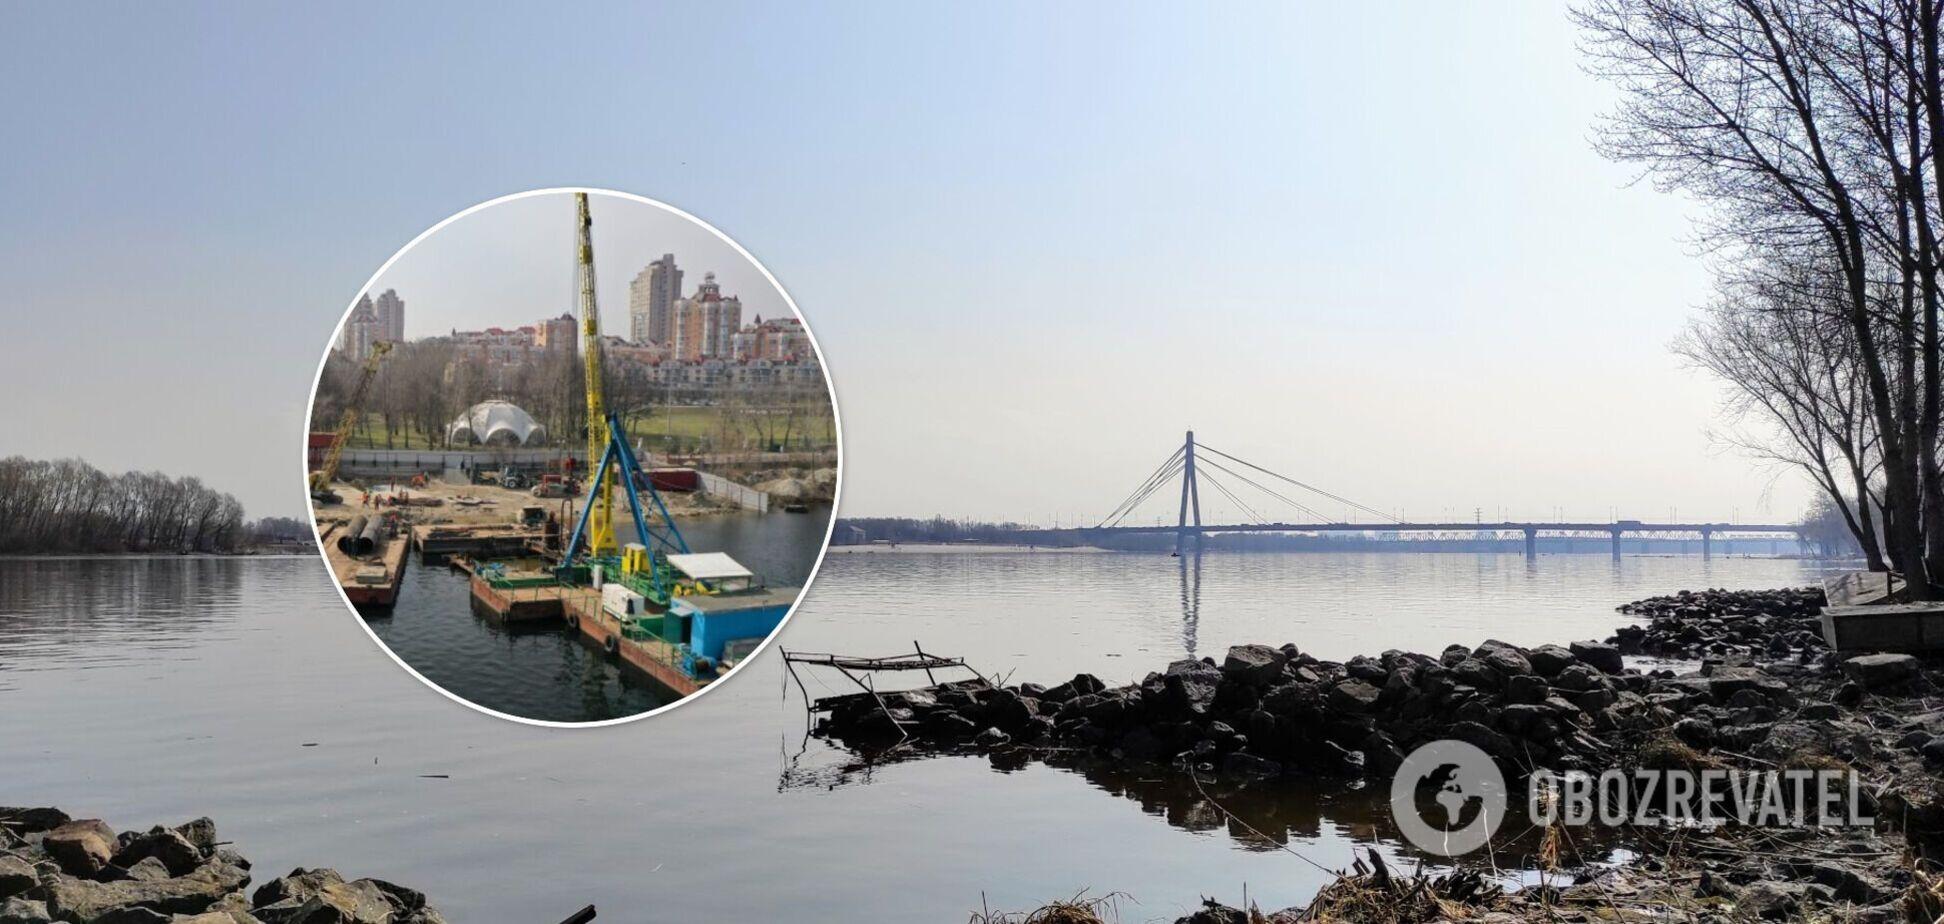 Причал, сквери, майданчики: у Києві створять нову локацію для відпочинку на острові посеред Дніпра